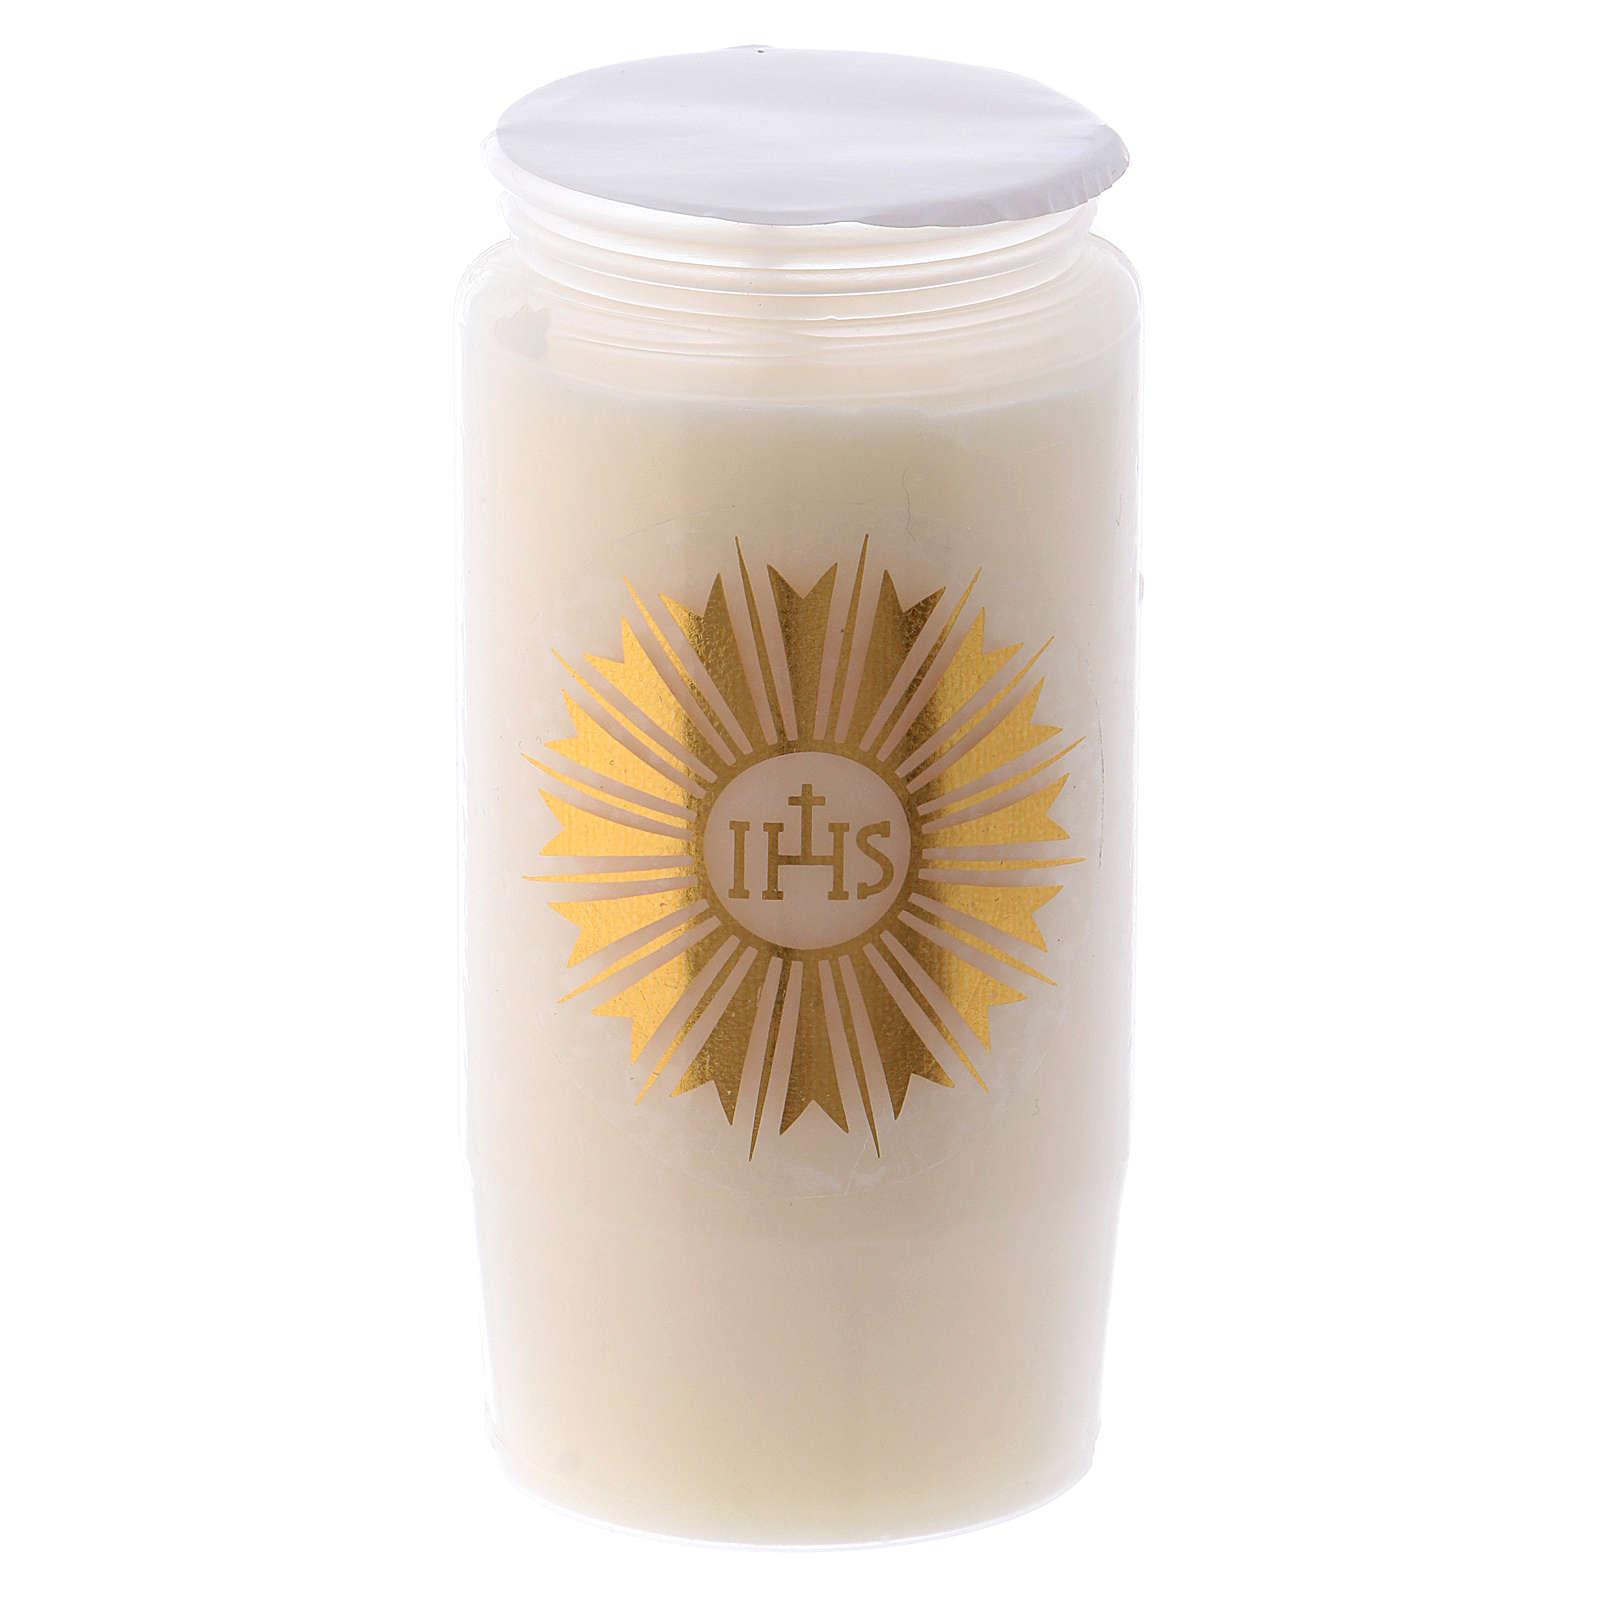 Cierge pour Saint Sacrement IHS blanc 2 jours 3